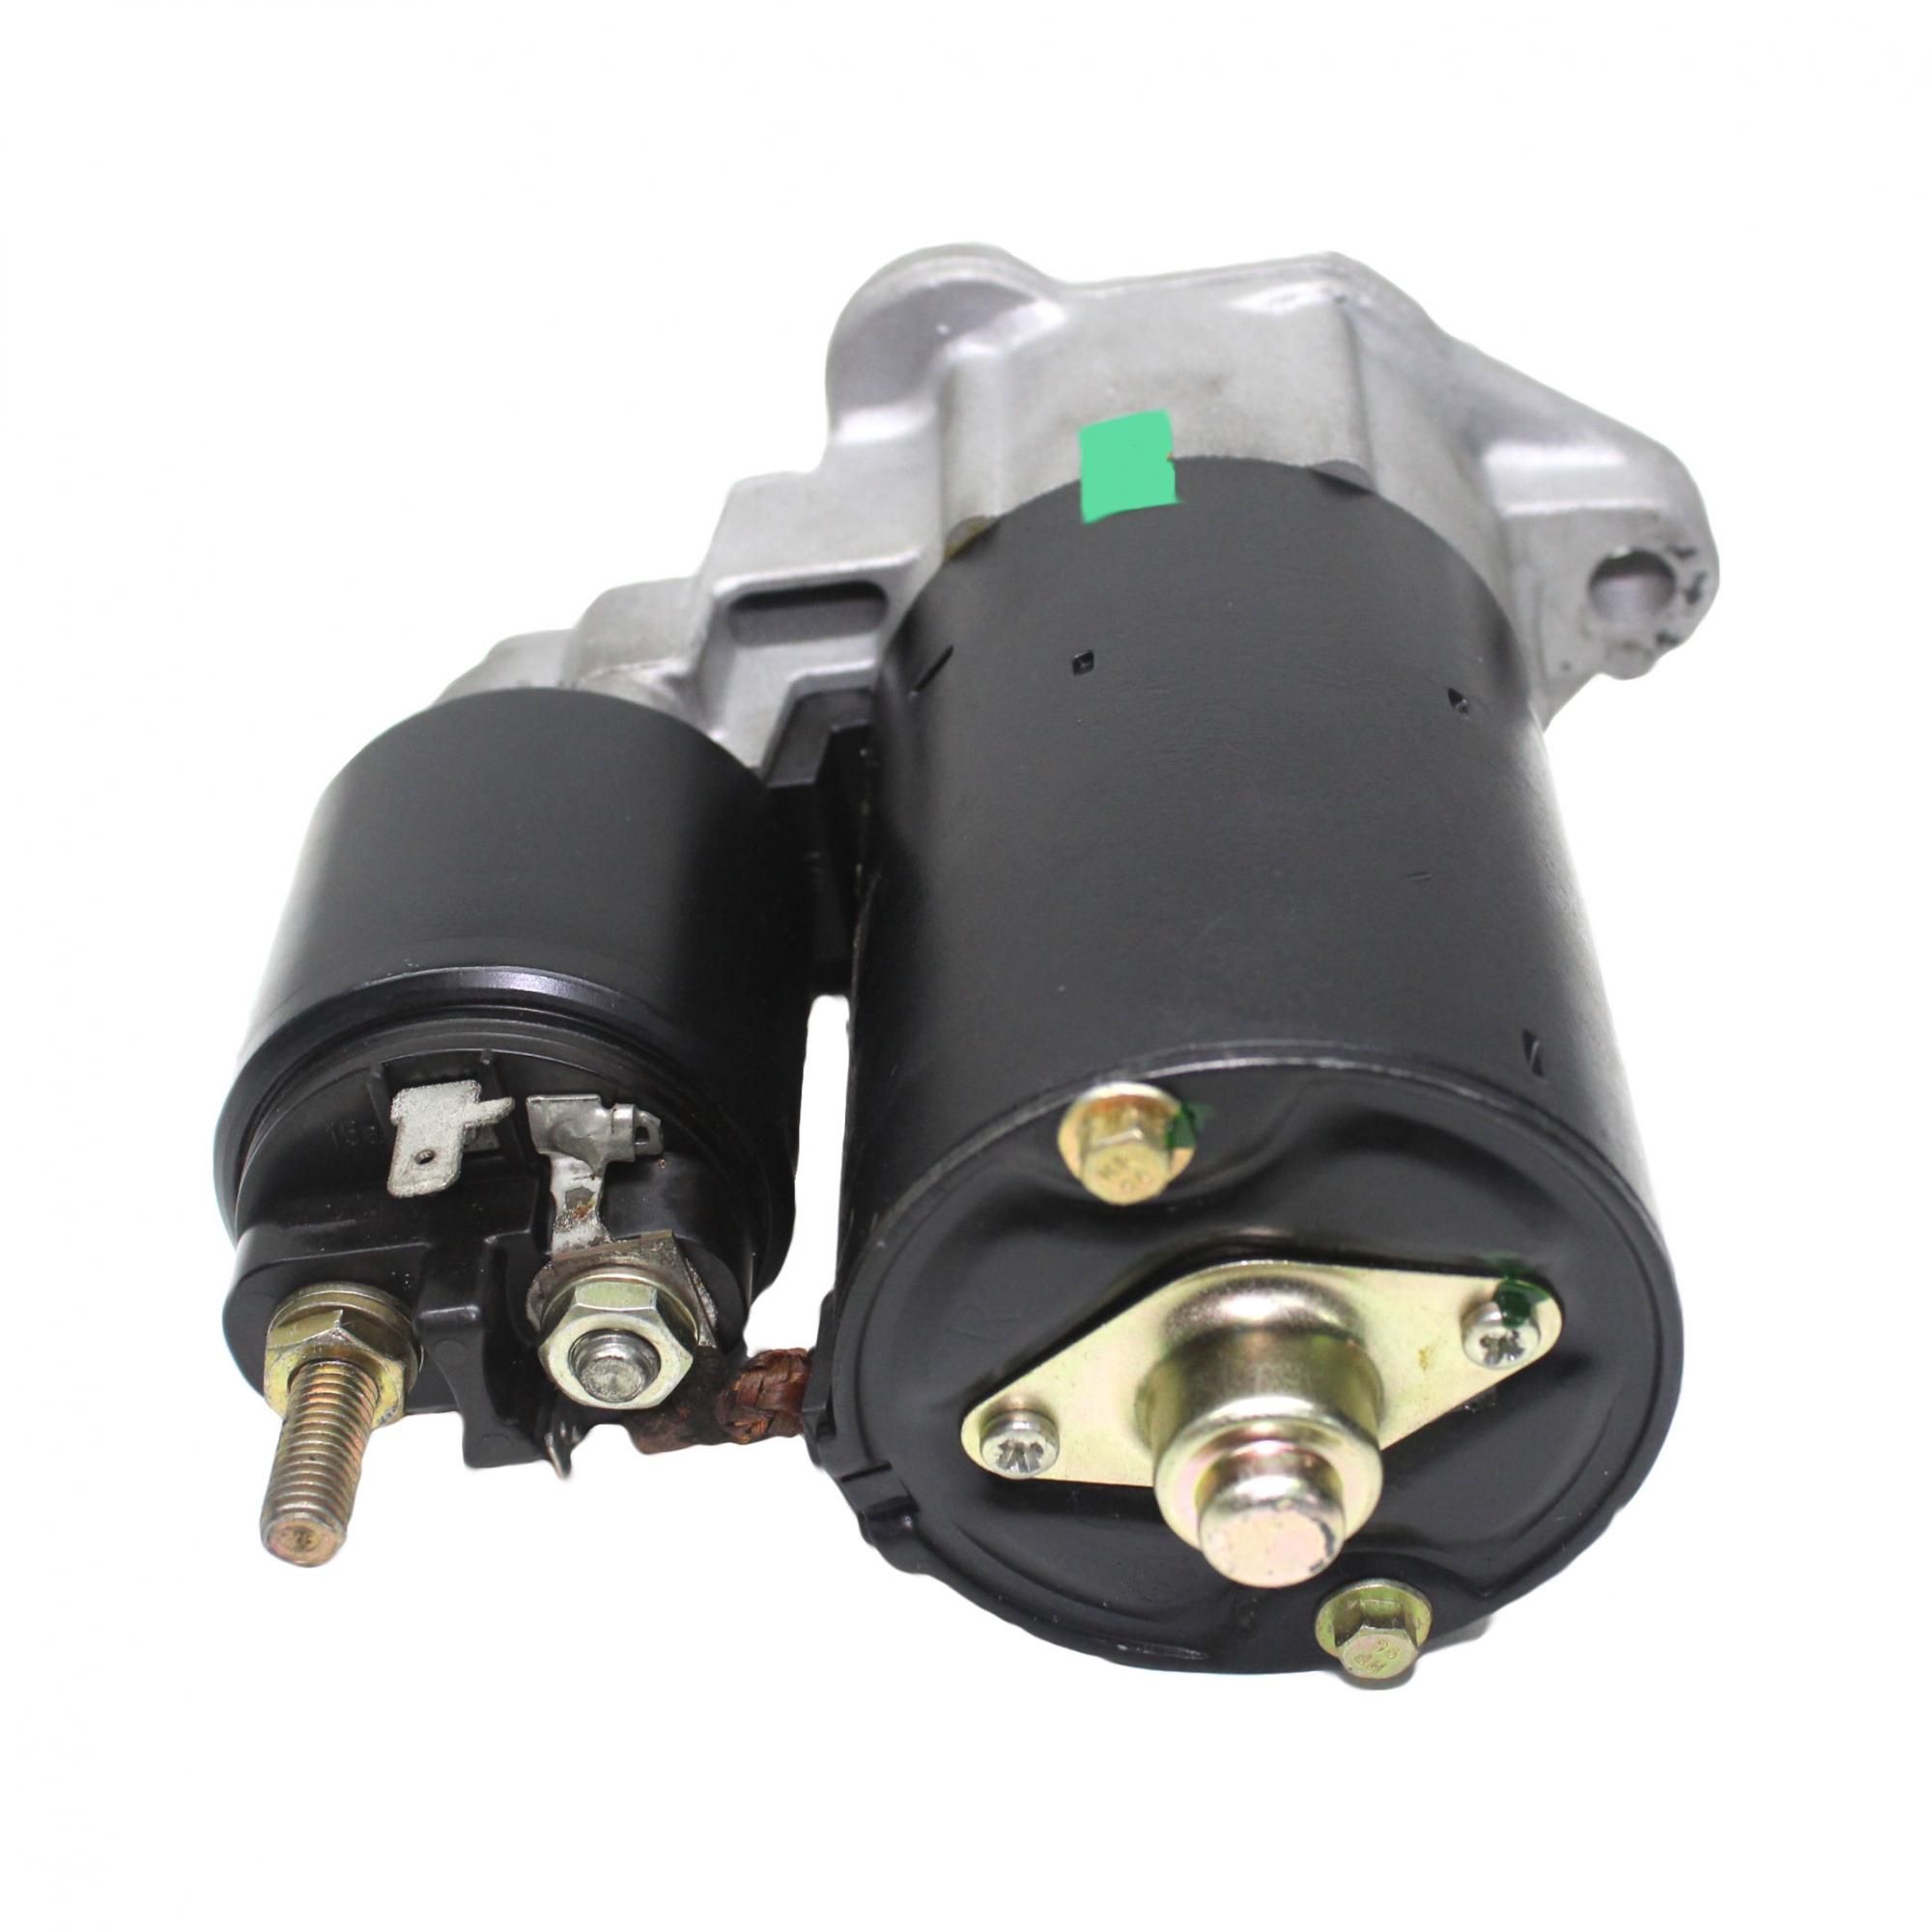 Motor Arranque Partida Bosch Passat 1.8T 97..01, Audi A4 1.8T 97... 01 1005821933